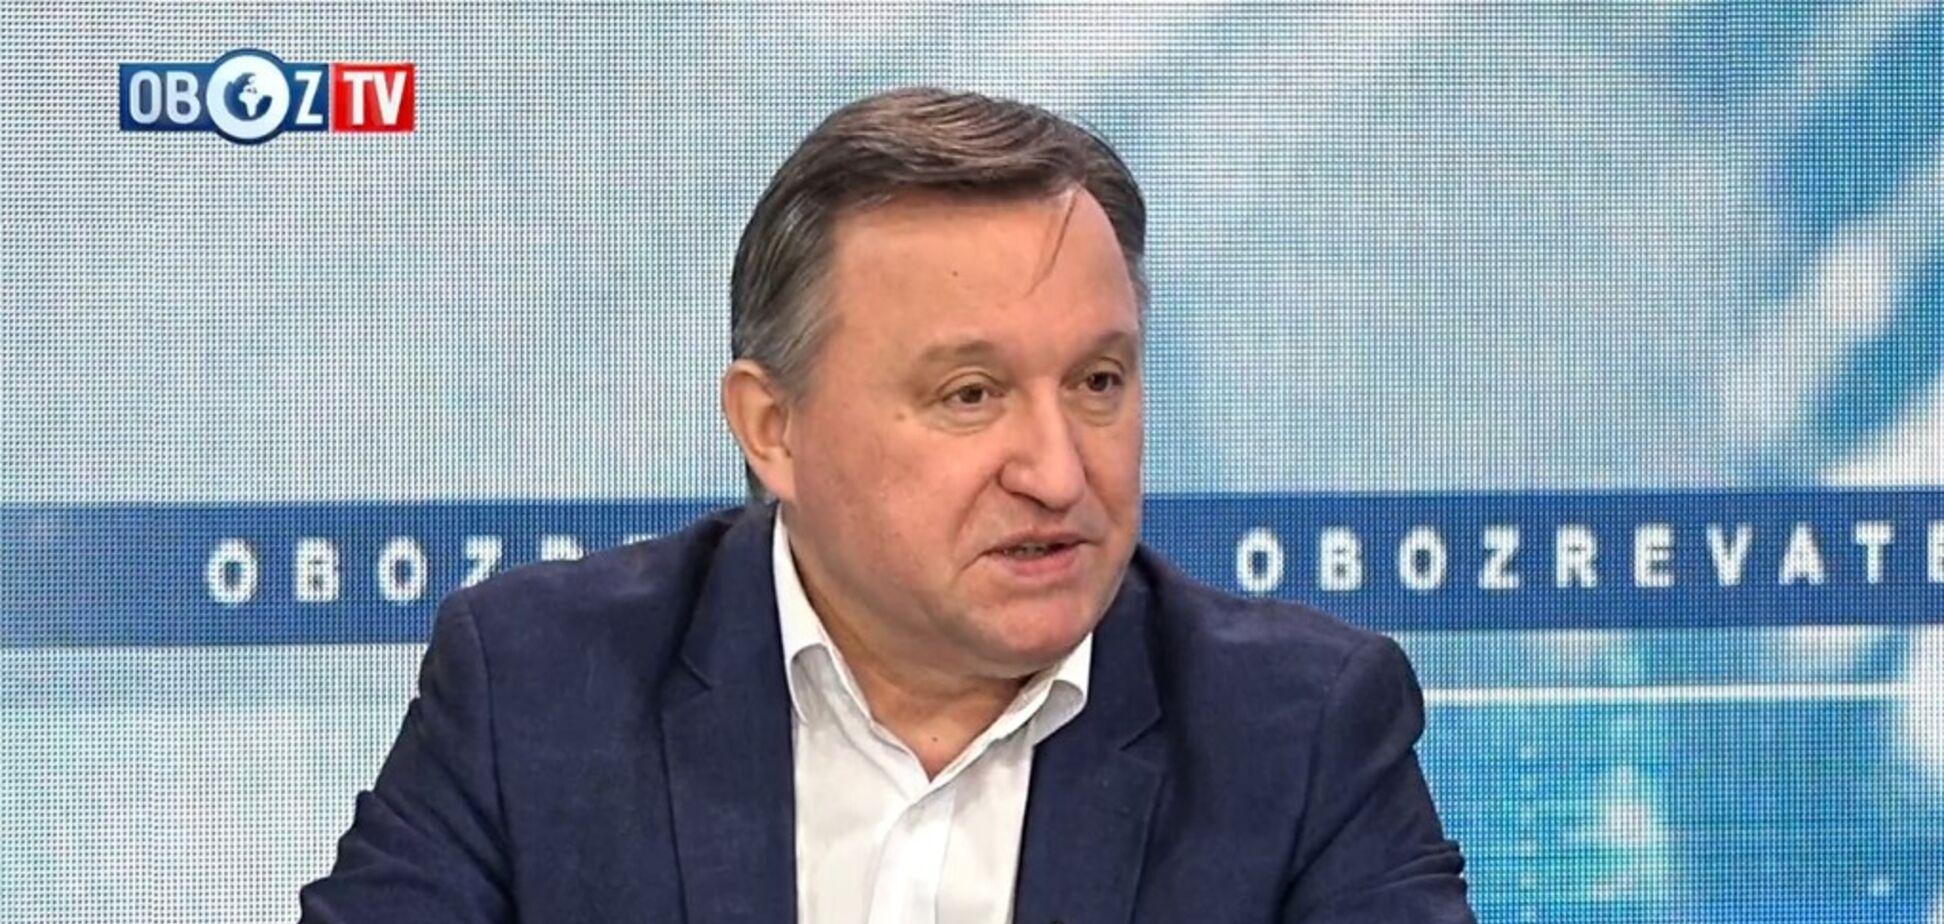 Украина должна чаще напоминать о себе: эксперт 'Украина-НАТО'